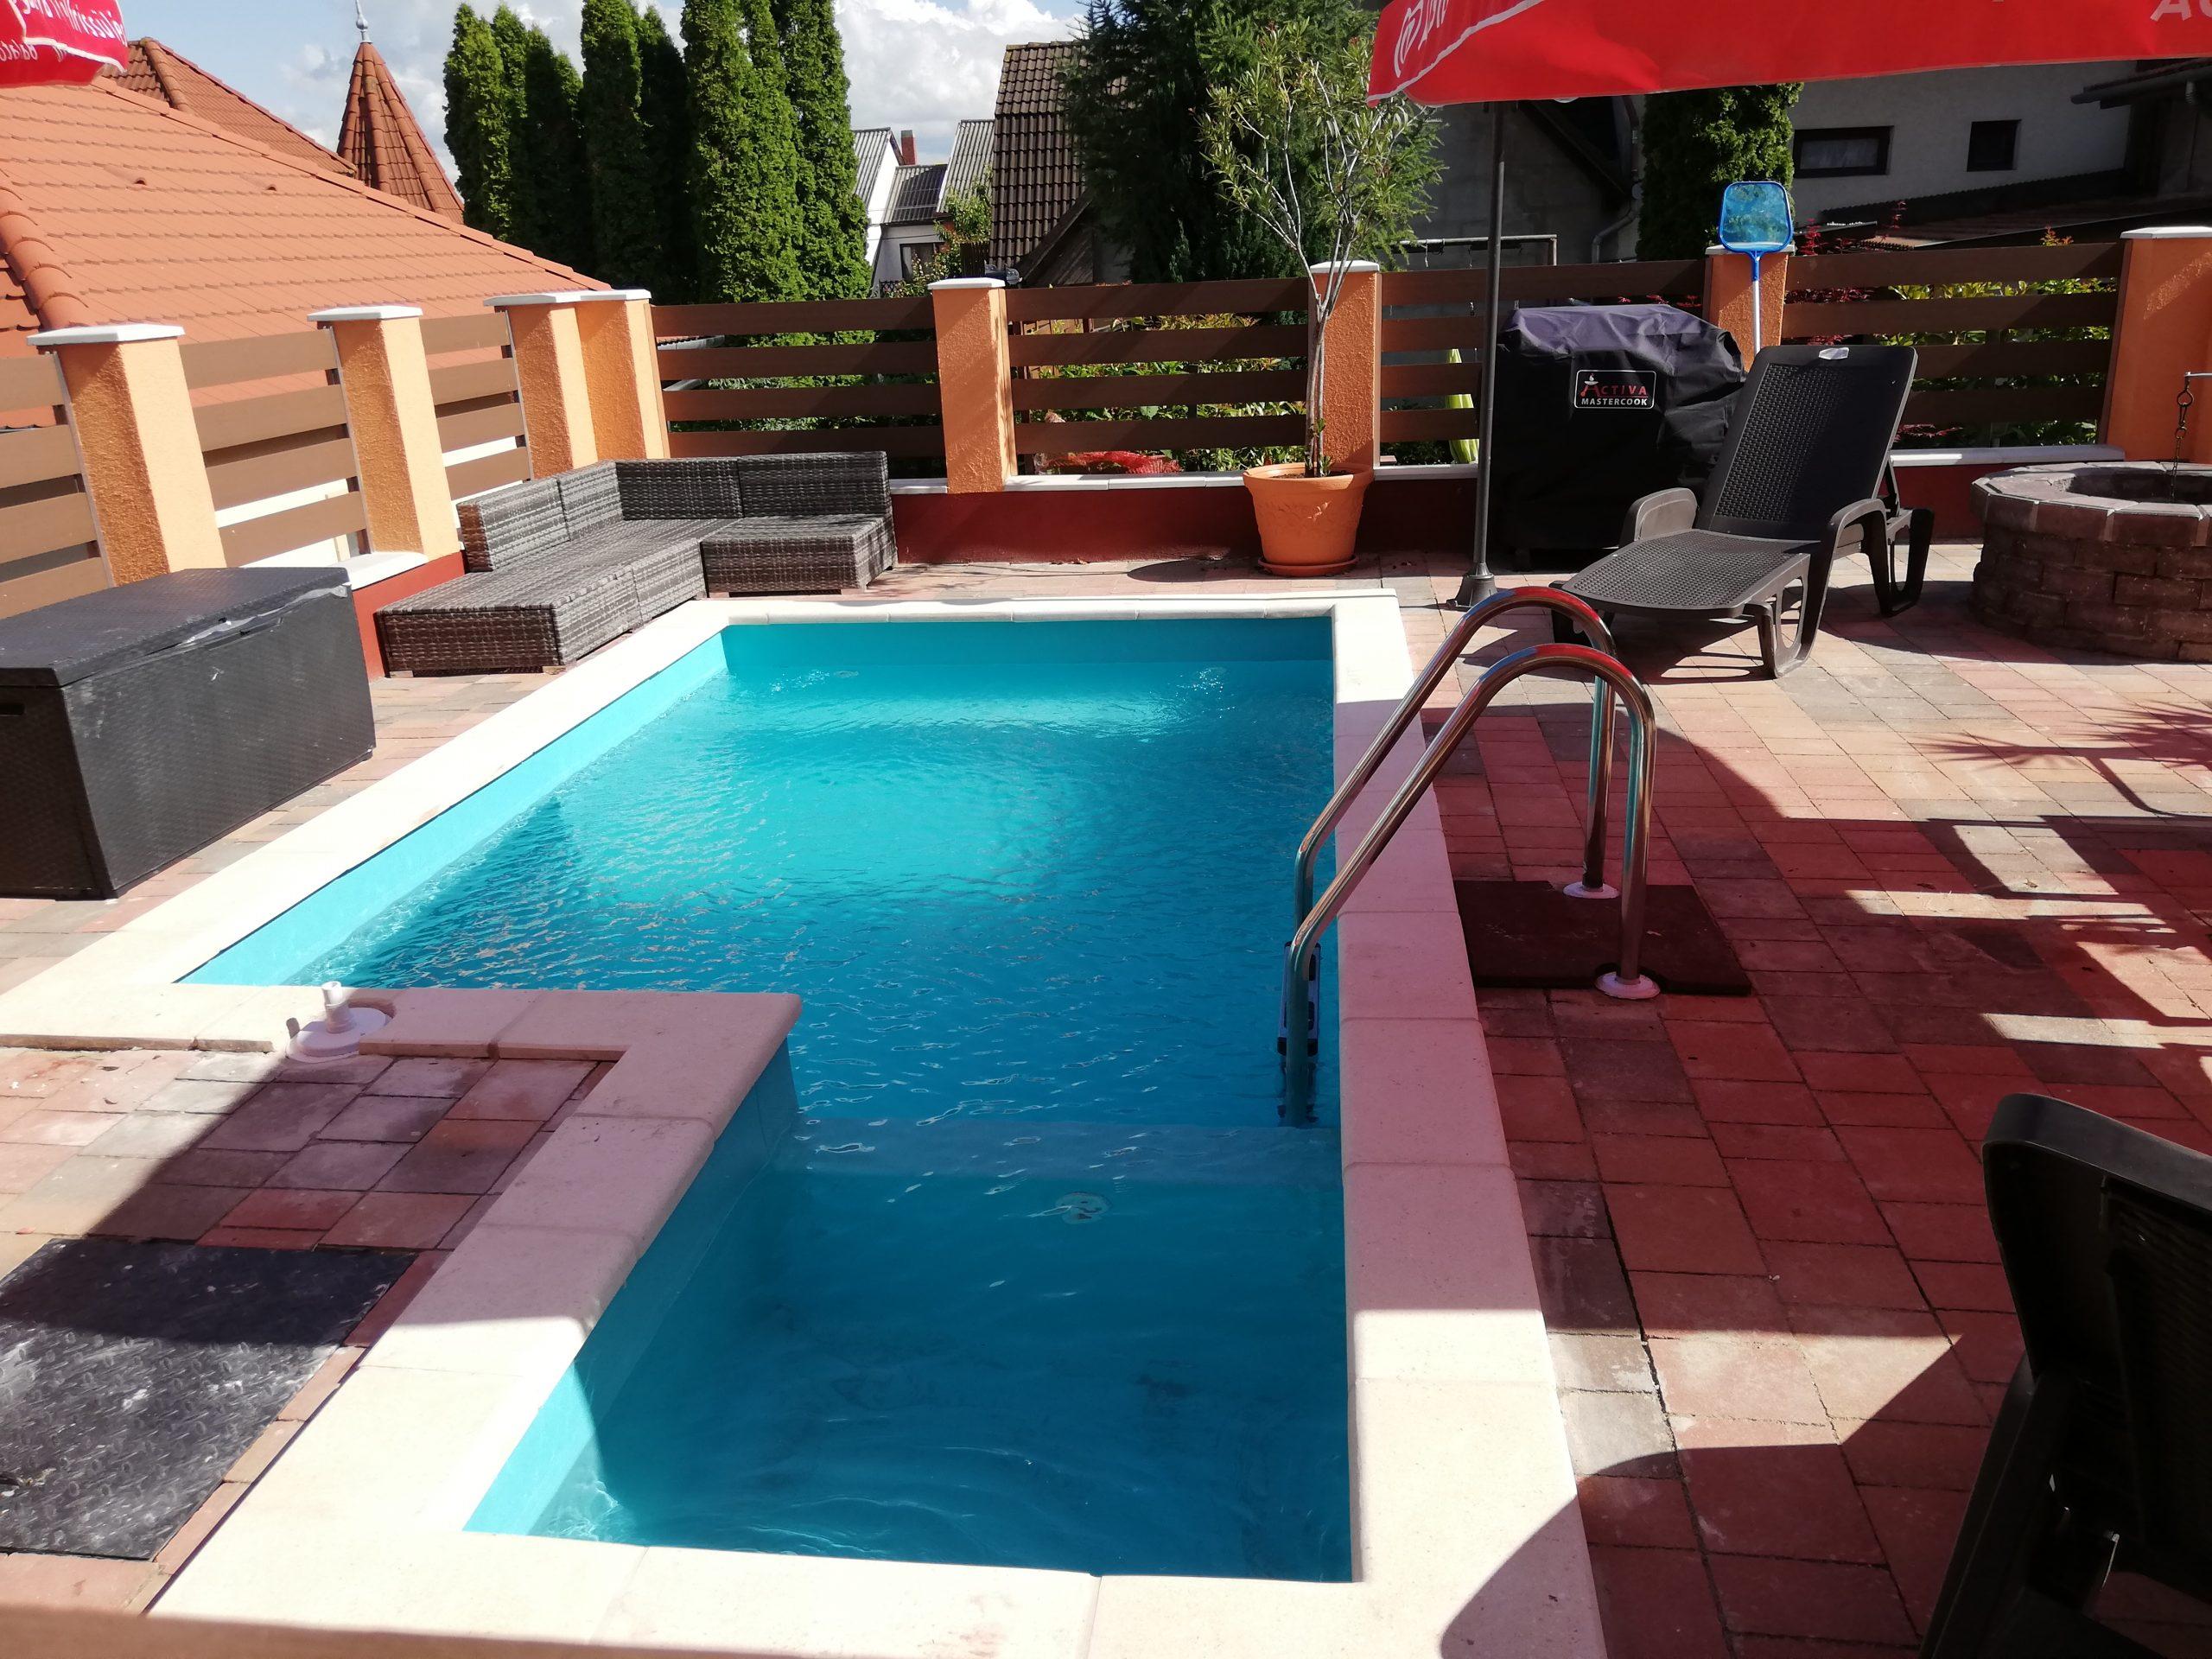 Objekt 105  Ferienhaus mit 2 getrennte Wohnungen,Pool,Wlan,Waschmaschine für 8 Personen